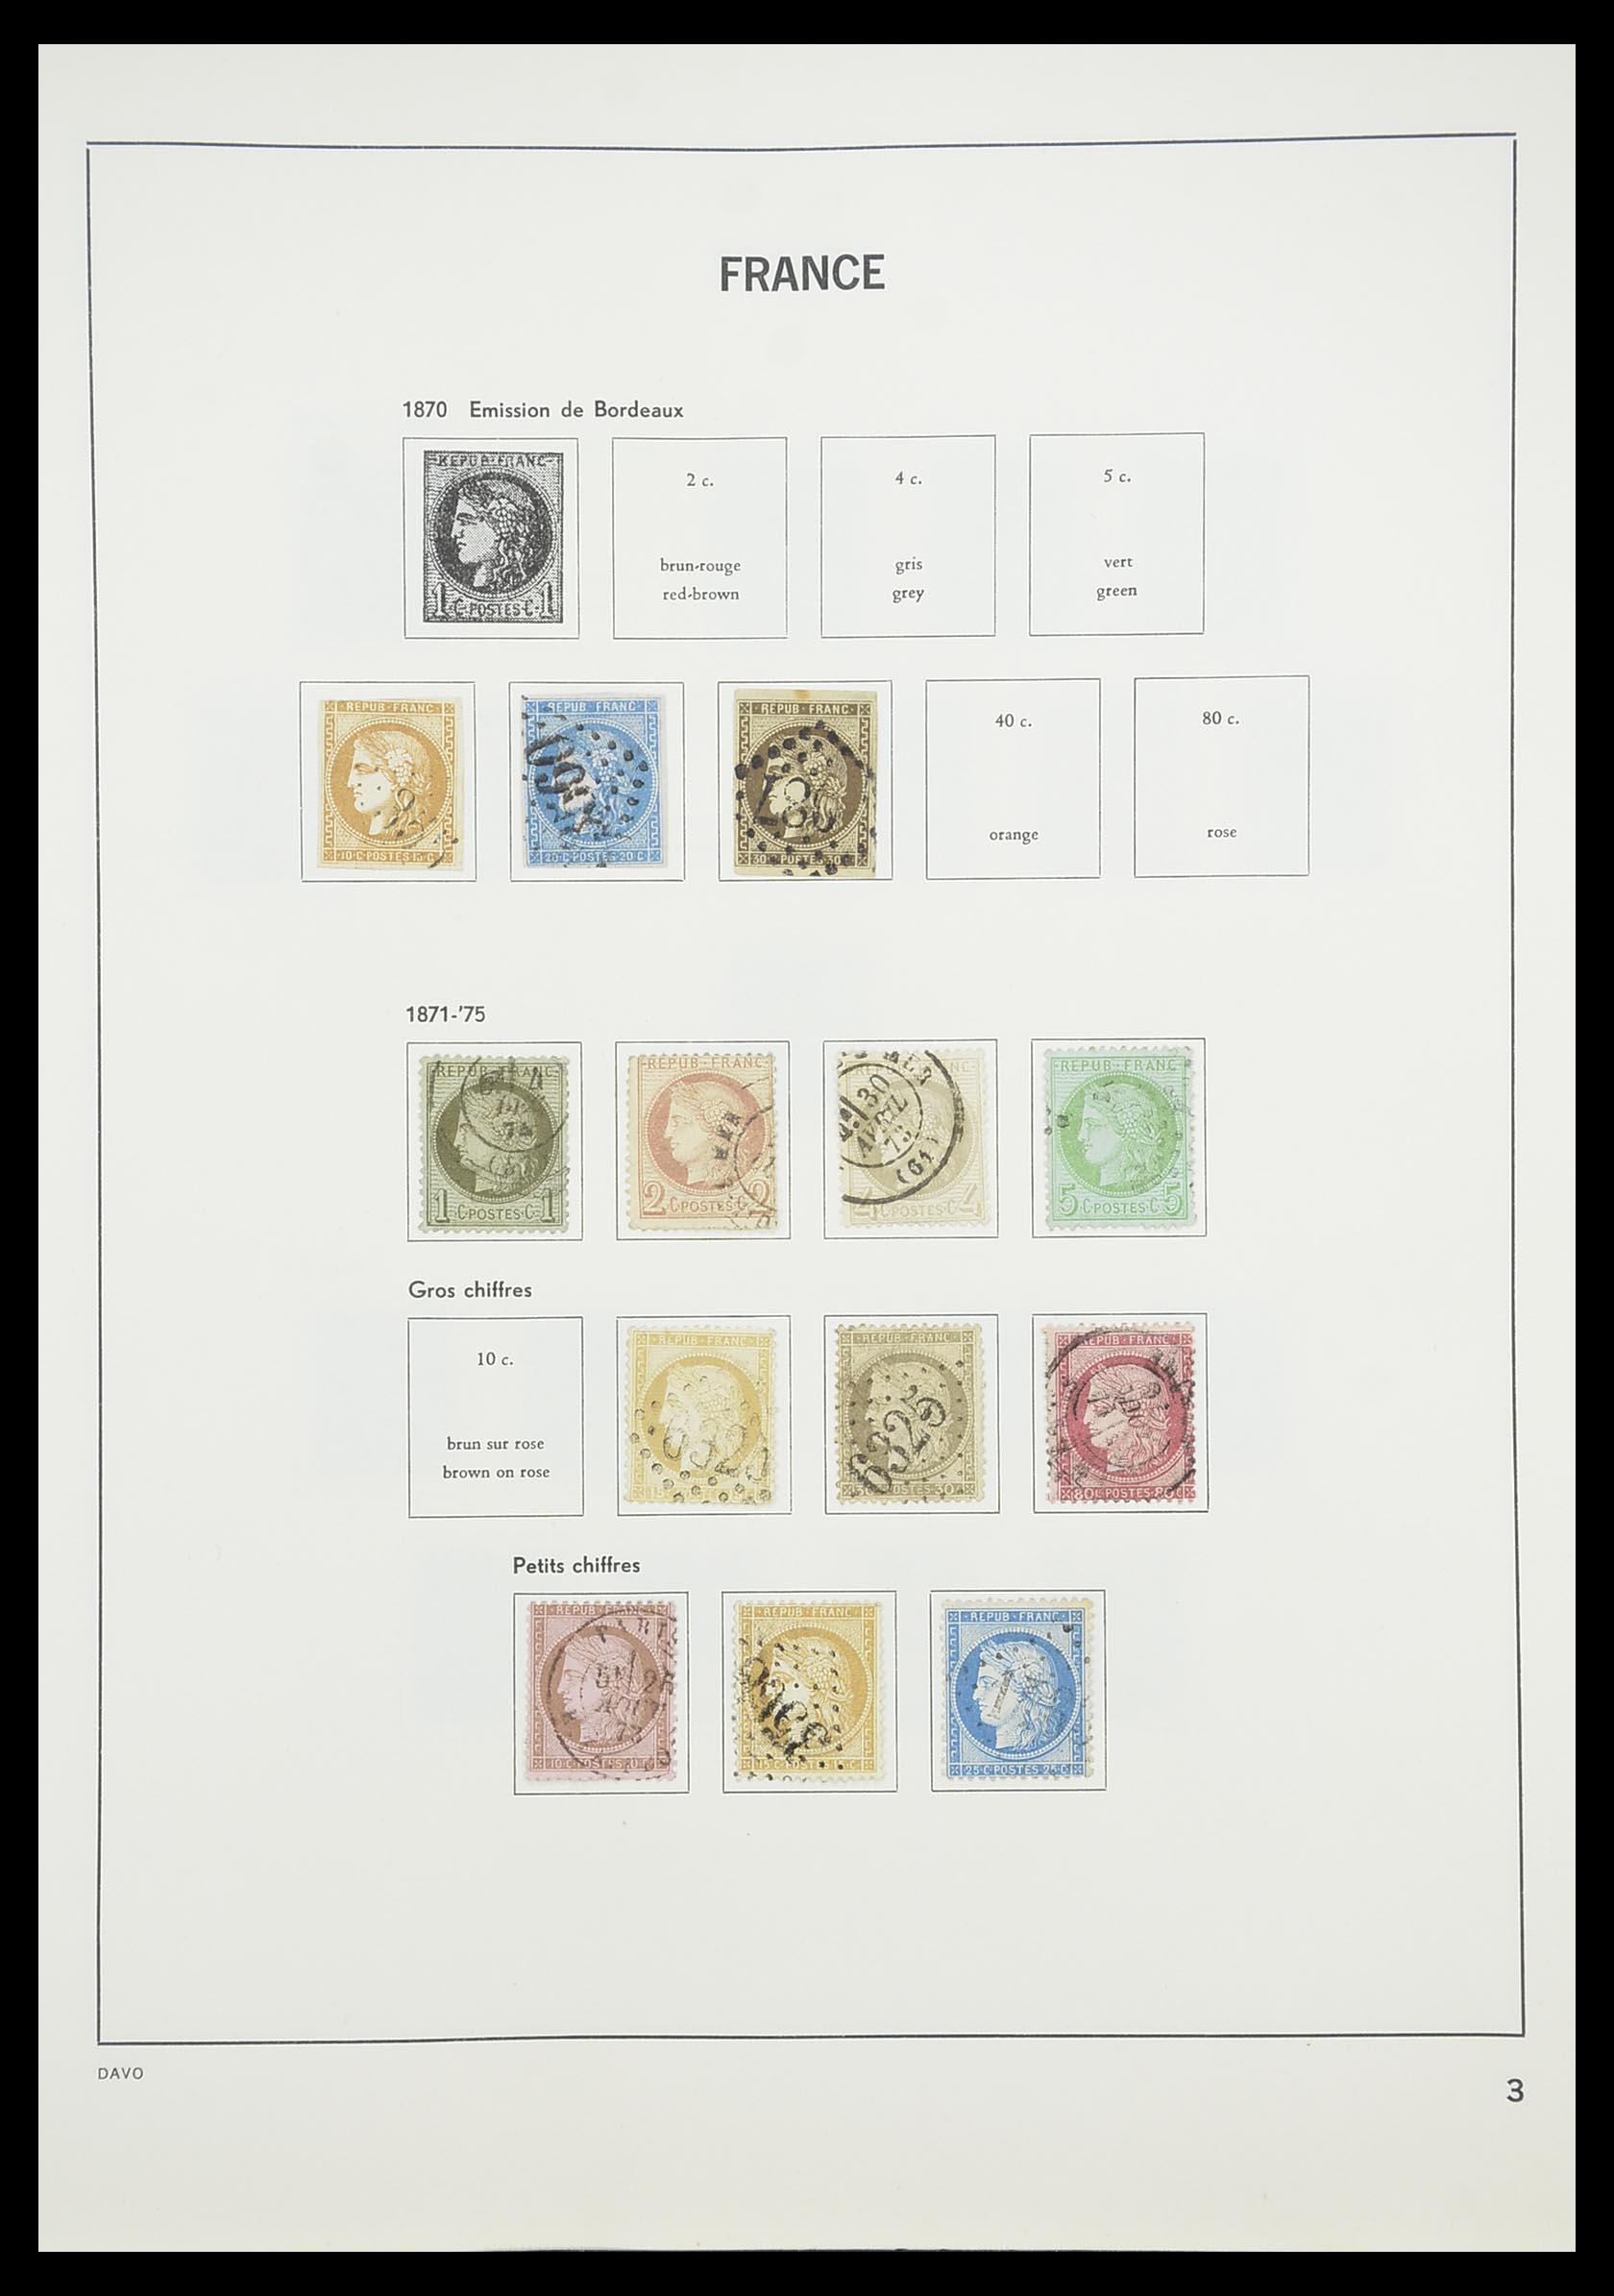 33819 005 - Postzegelverzameling 33819 Frankrijk 1849-1988.